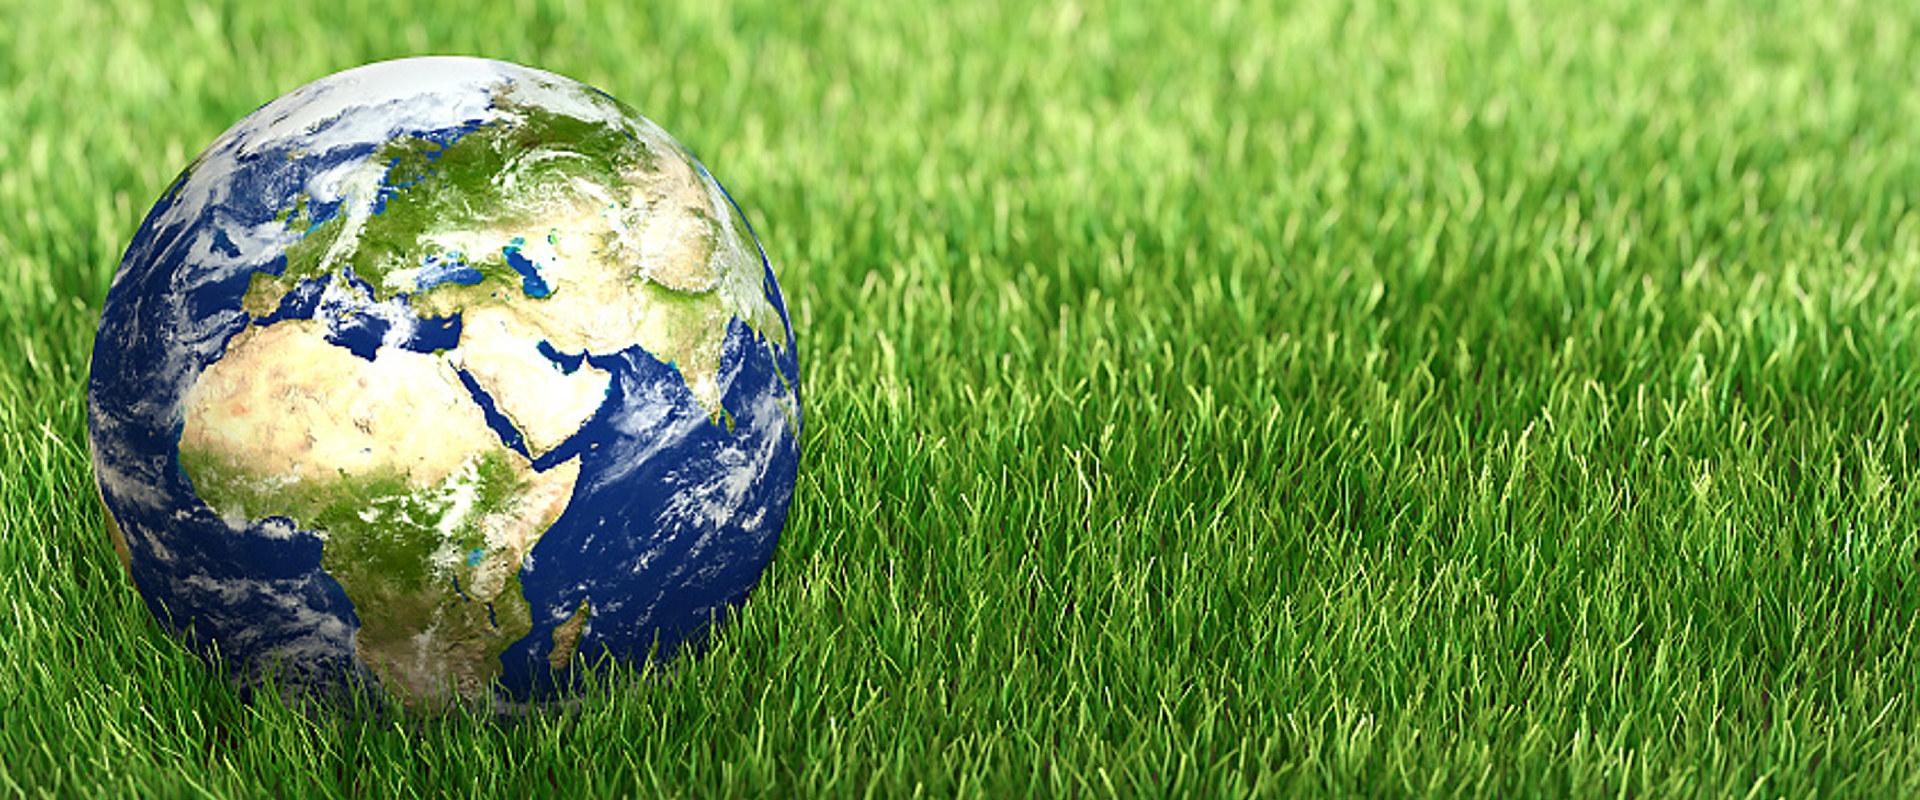 Jordkloden på gress